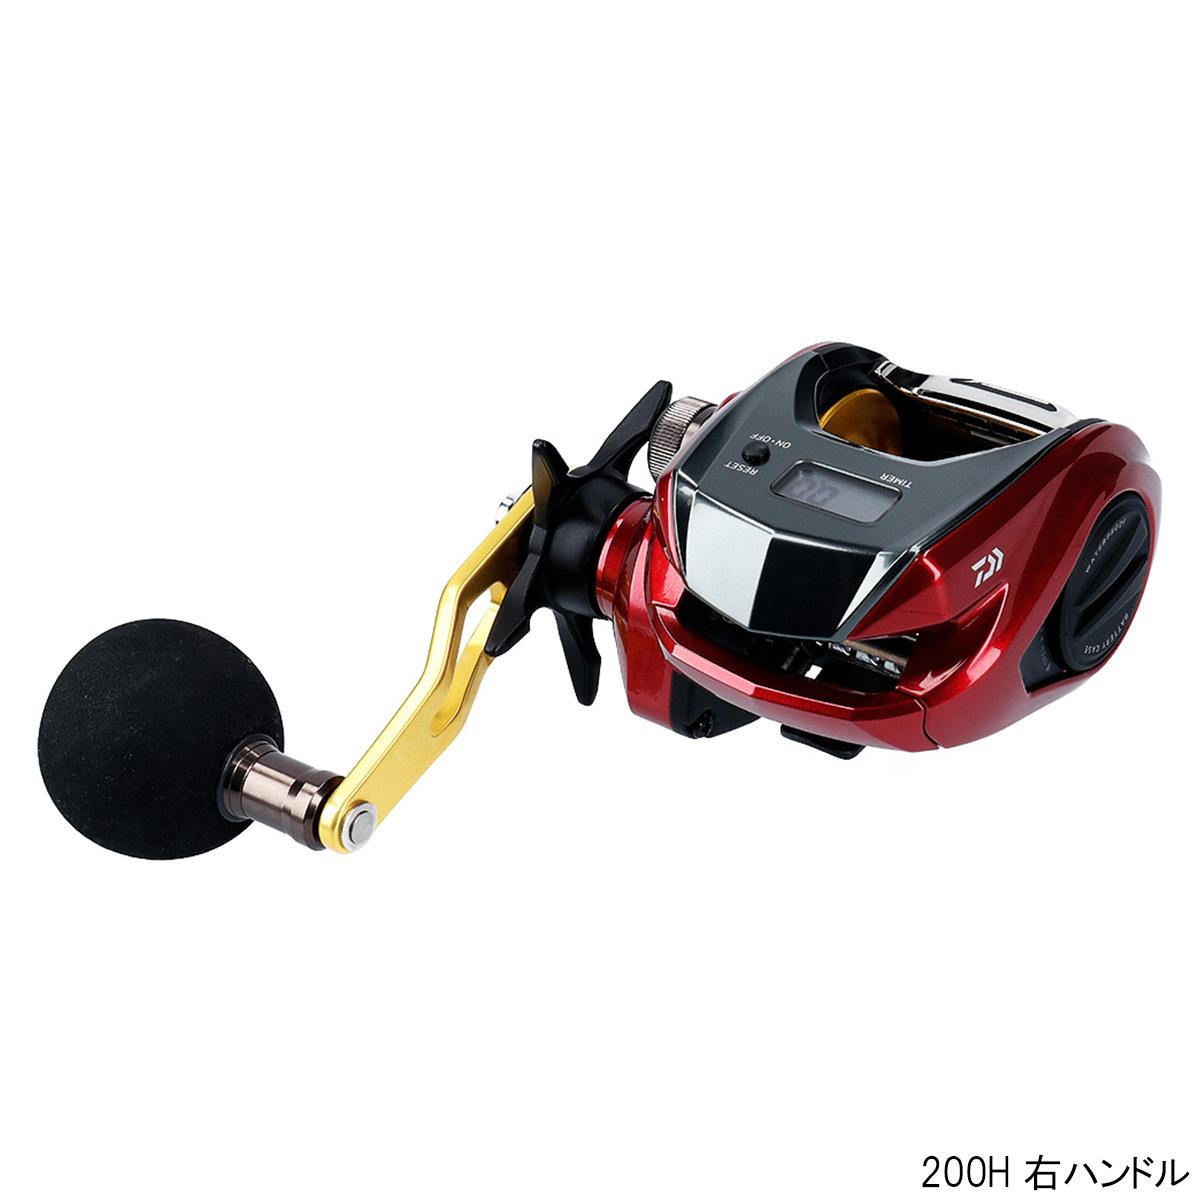 ダイワ スパルタン MX IC 200H 右ハンドル【送料無料】